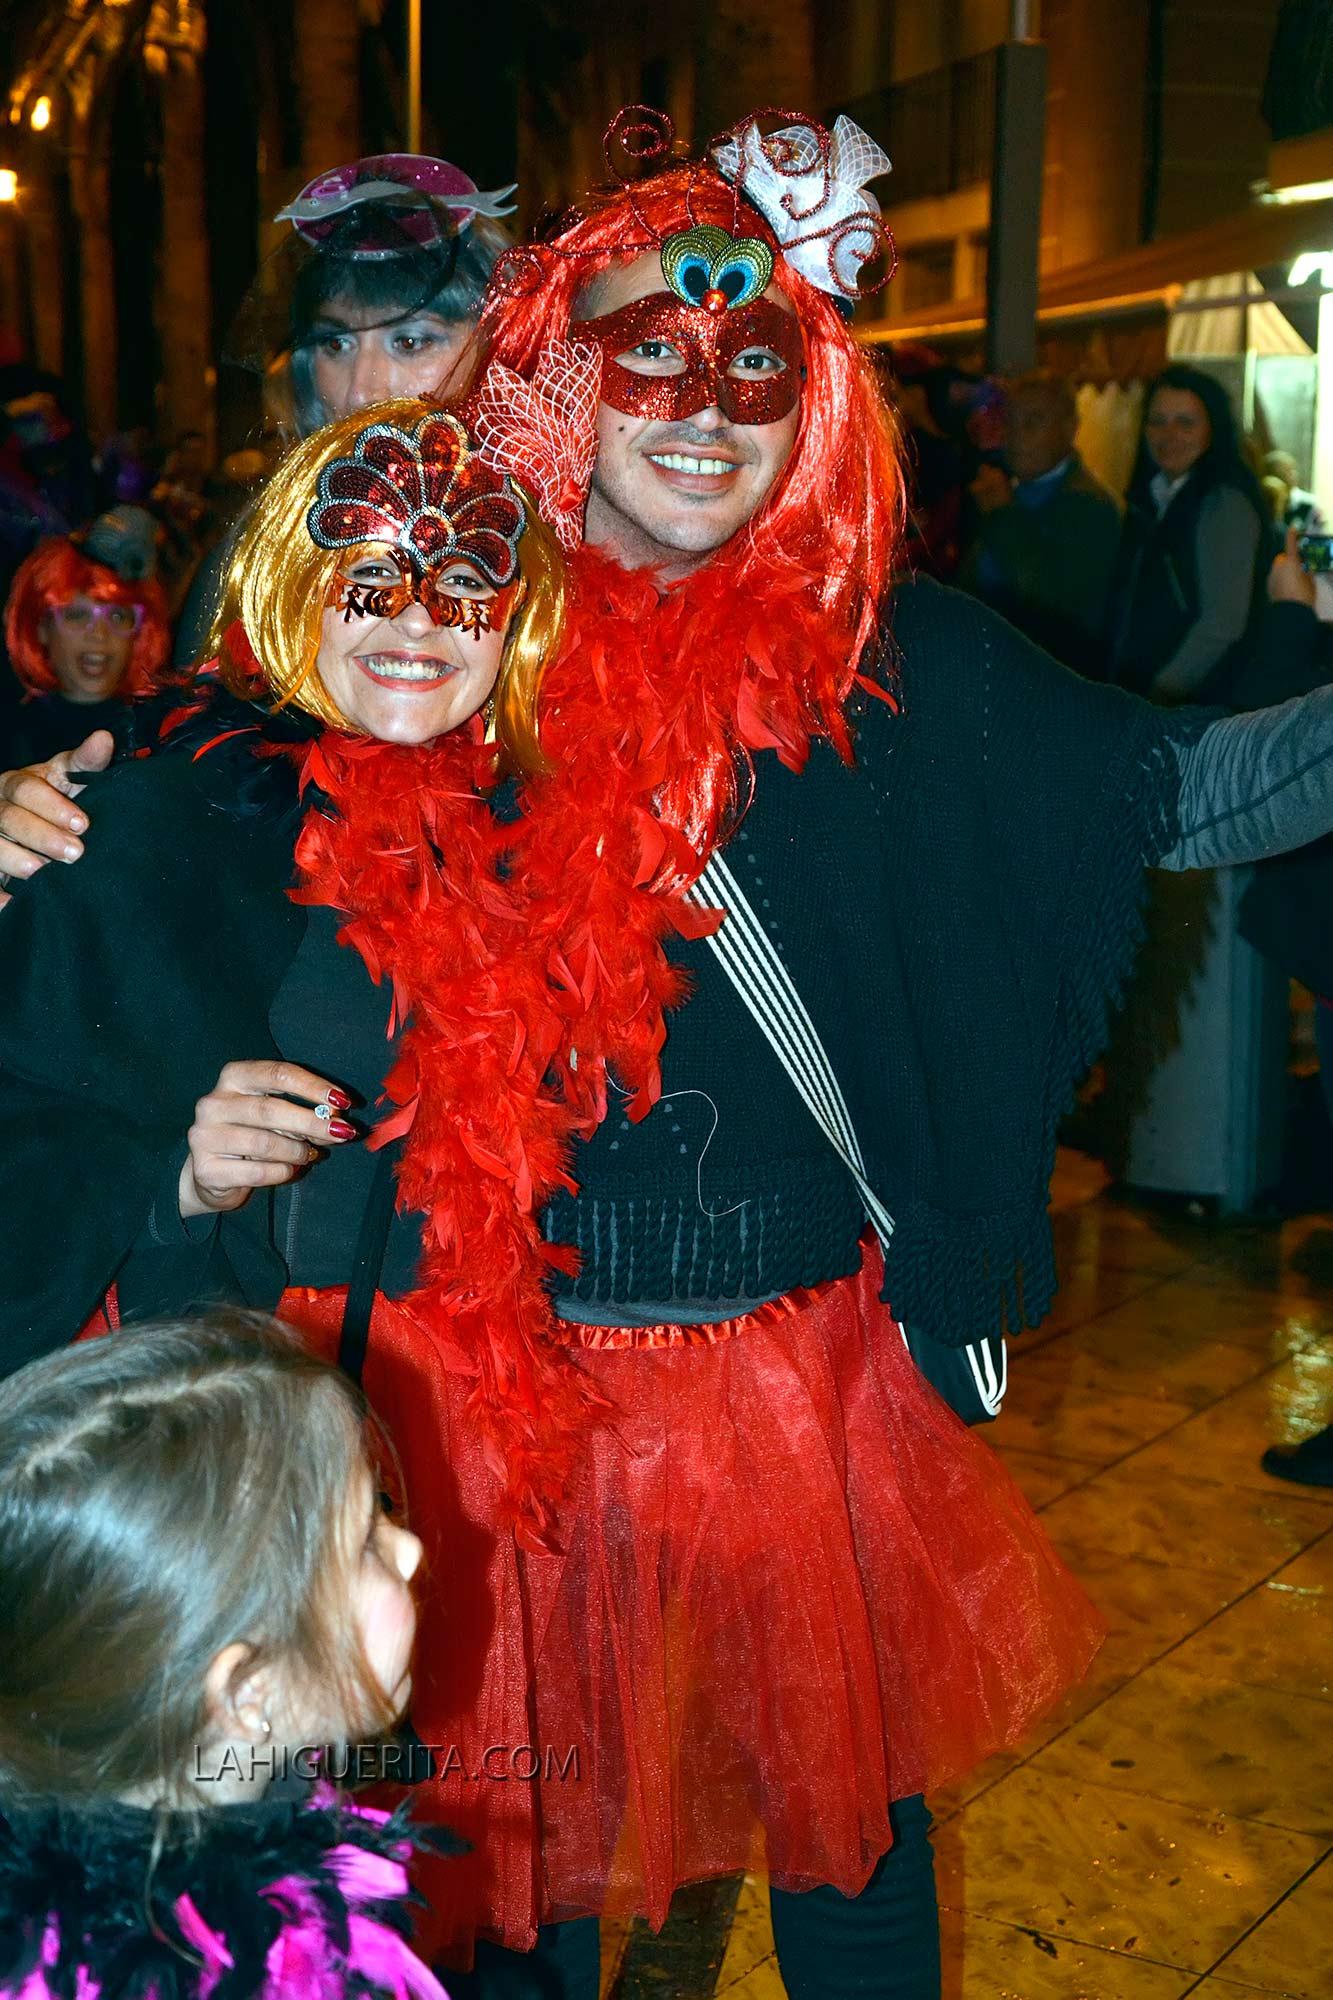 Entierro de la sardina carnaval isla cristina _DSC2192